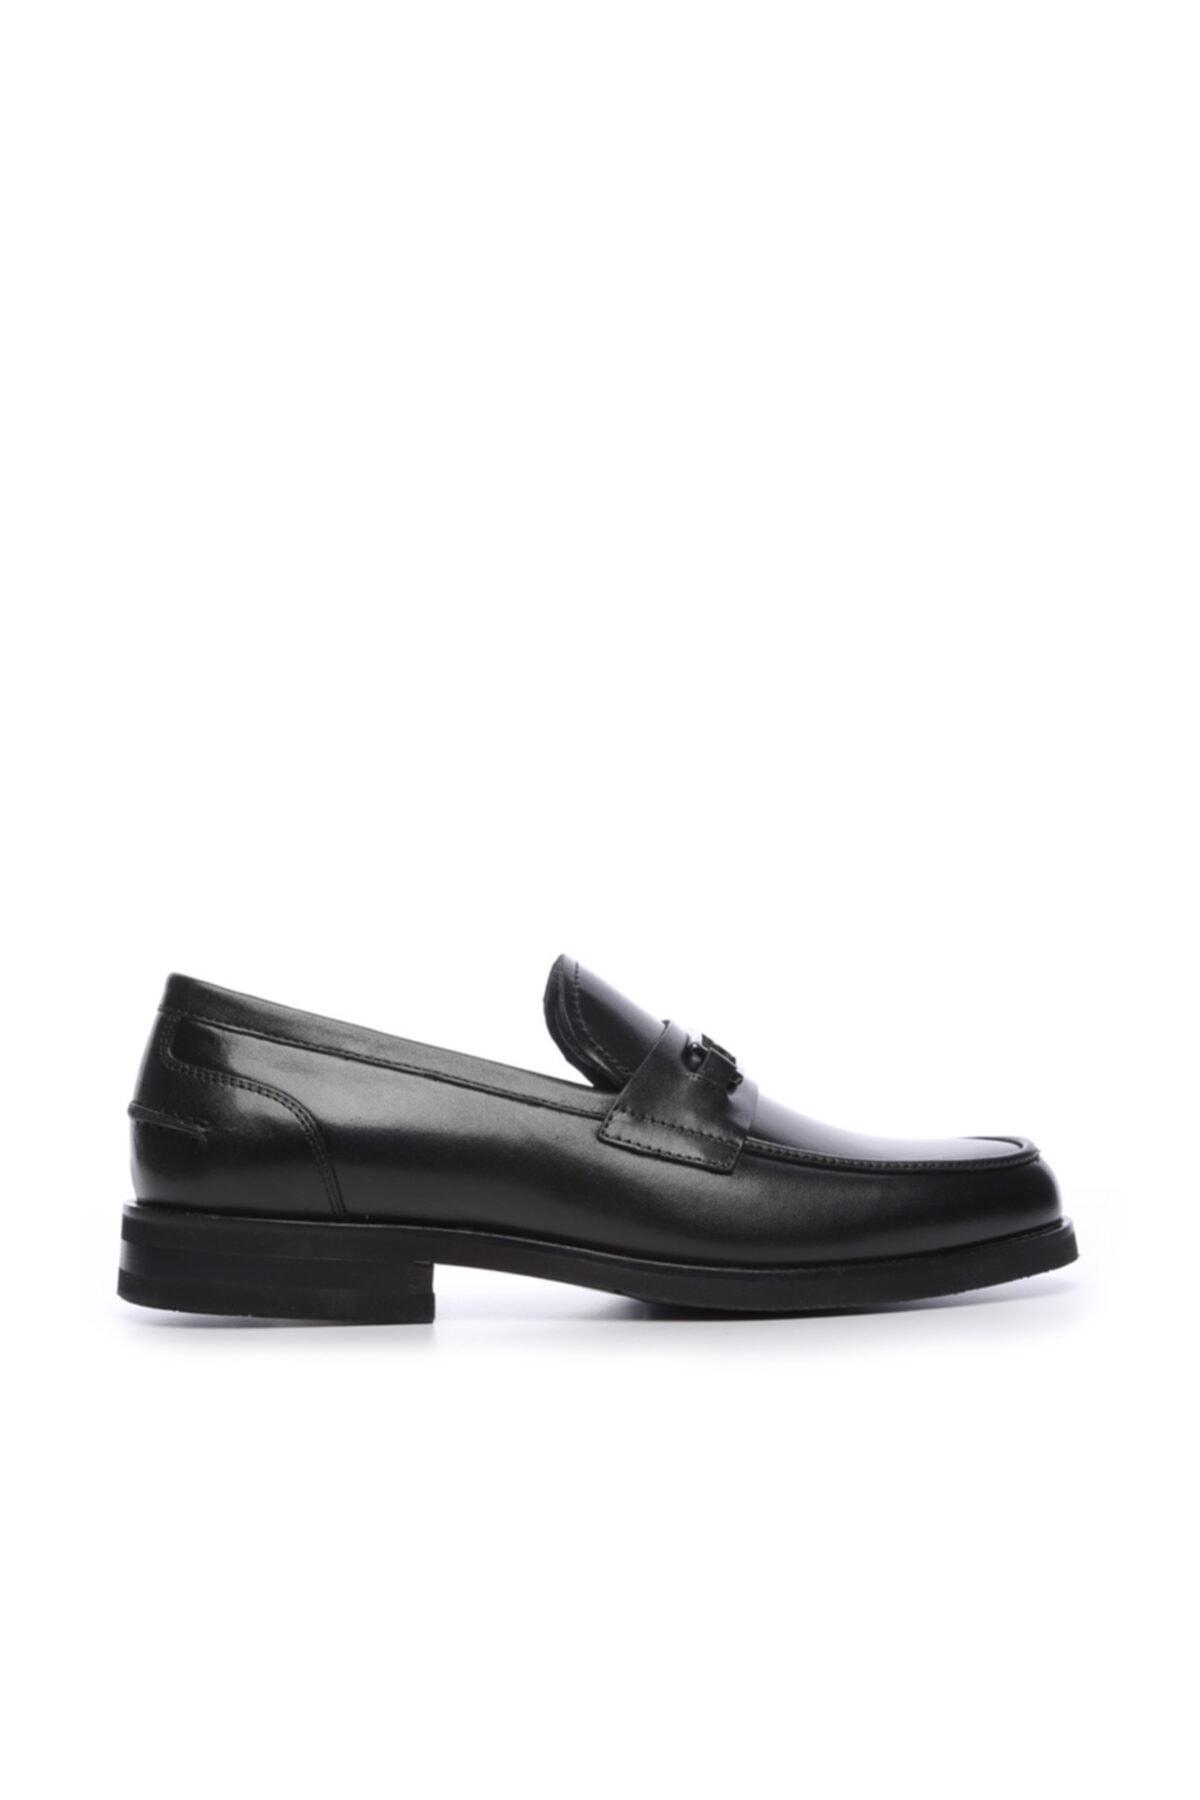 Erkek Derı Klasik Ayakkabı 383 3308 Ev Erk Ayk